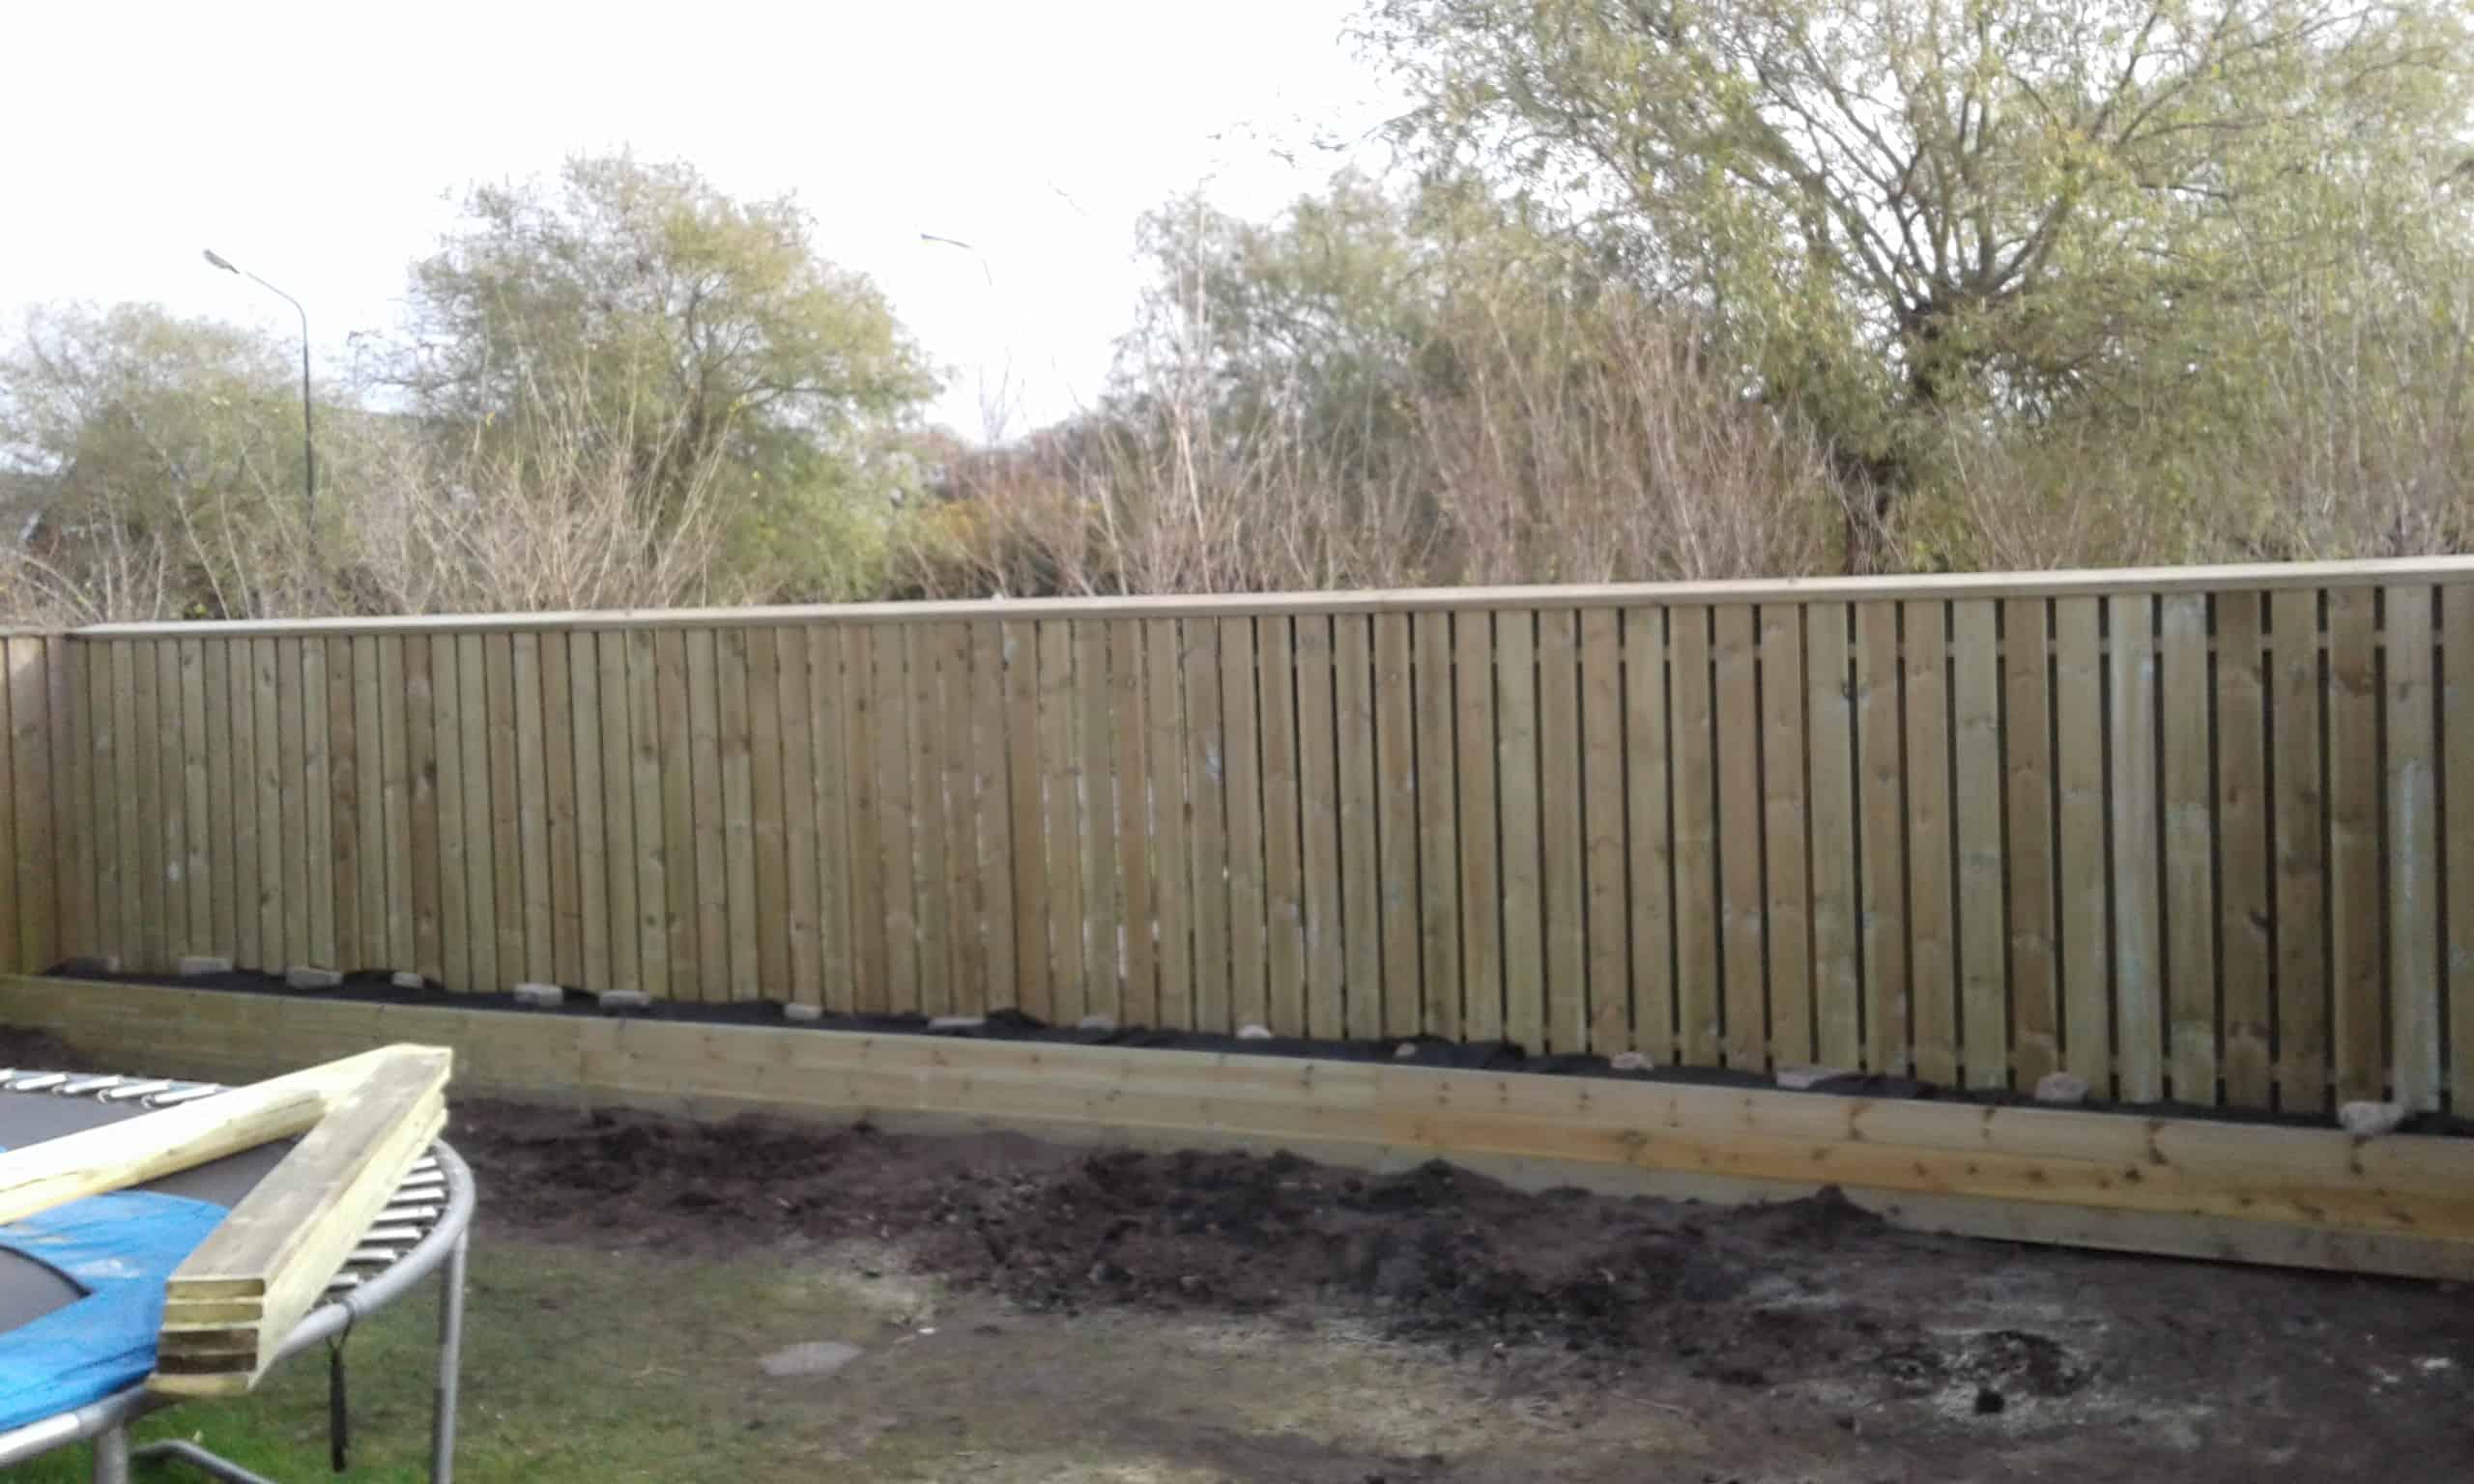 """Referensjobb """"25 m staket"""" utfört av Robin k bygg aktiebolag"""